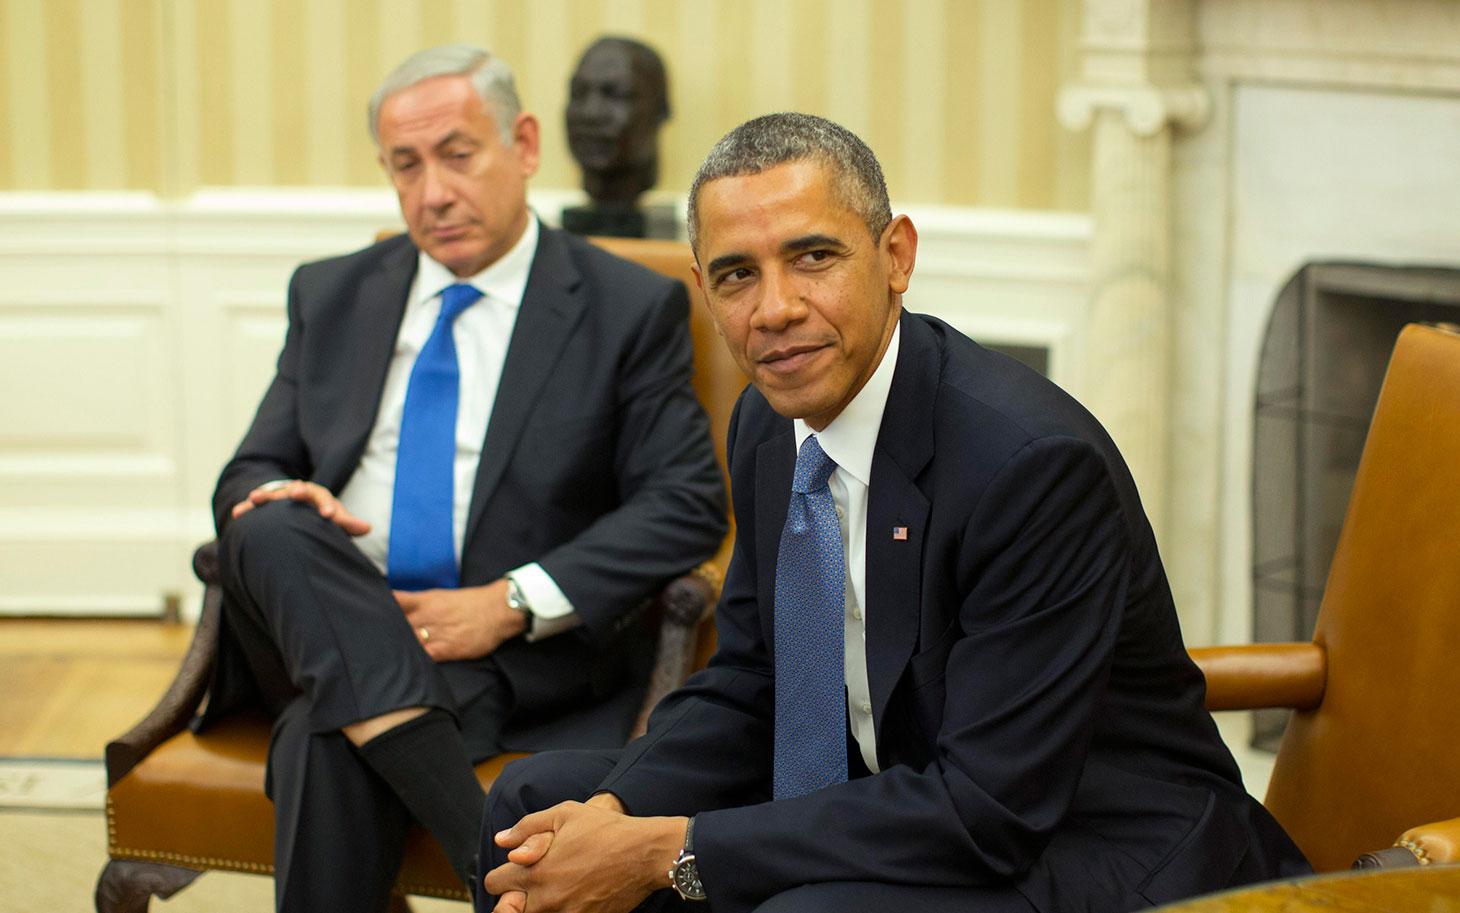 نتنياهو في لقاء مع مستوطني عموناه وعوفرة: اوباما يشكل خطرا على الاستيطان